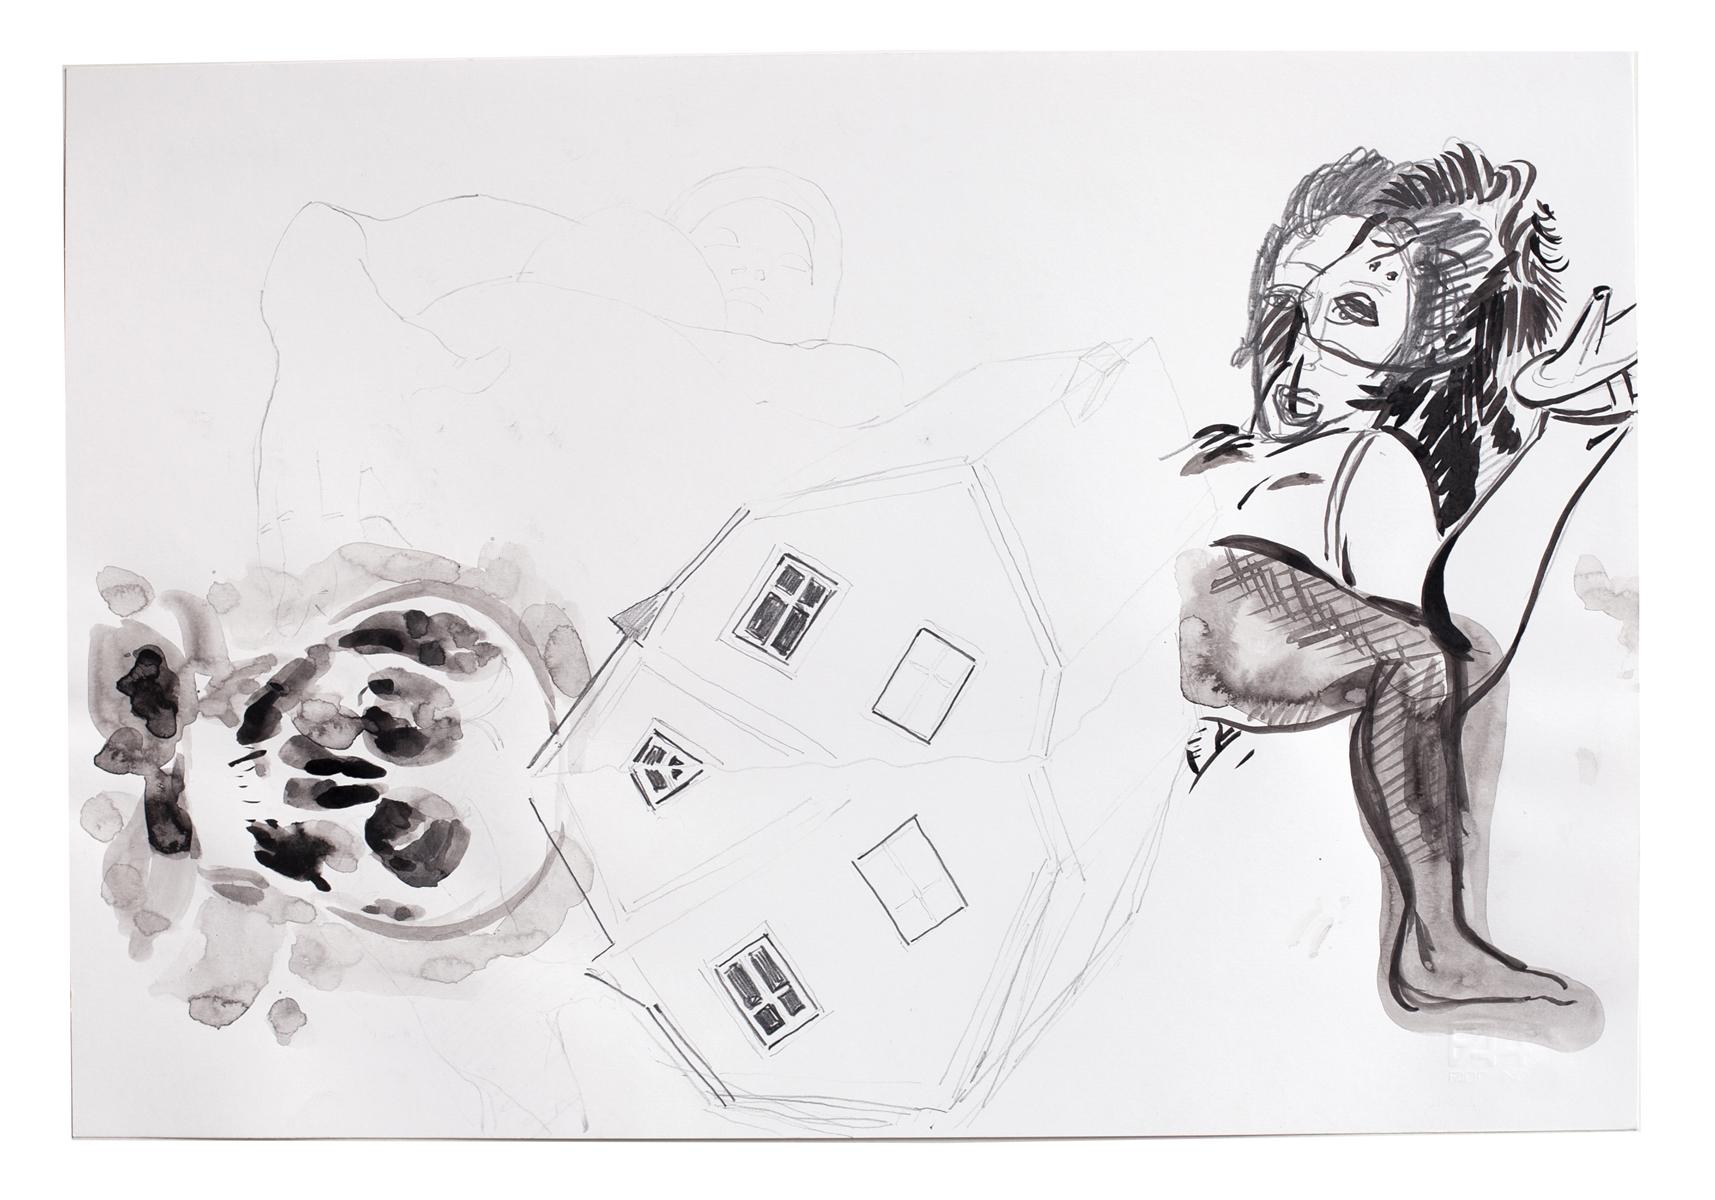 ohne Titel_2006 / 48,5 x 33 cm_Bleistift/Tusche/Papier